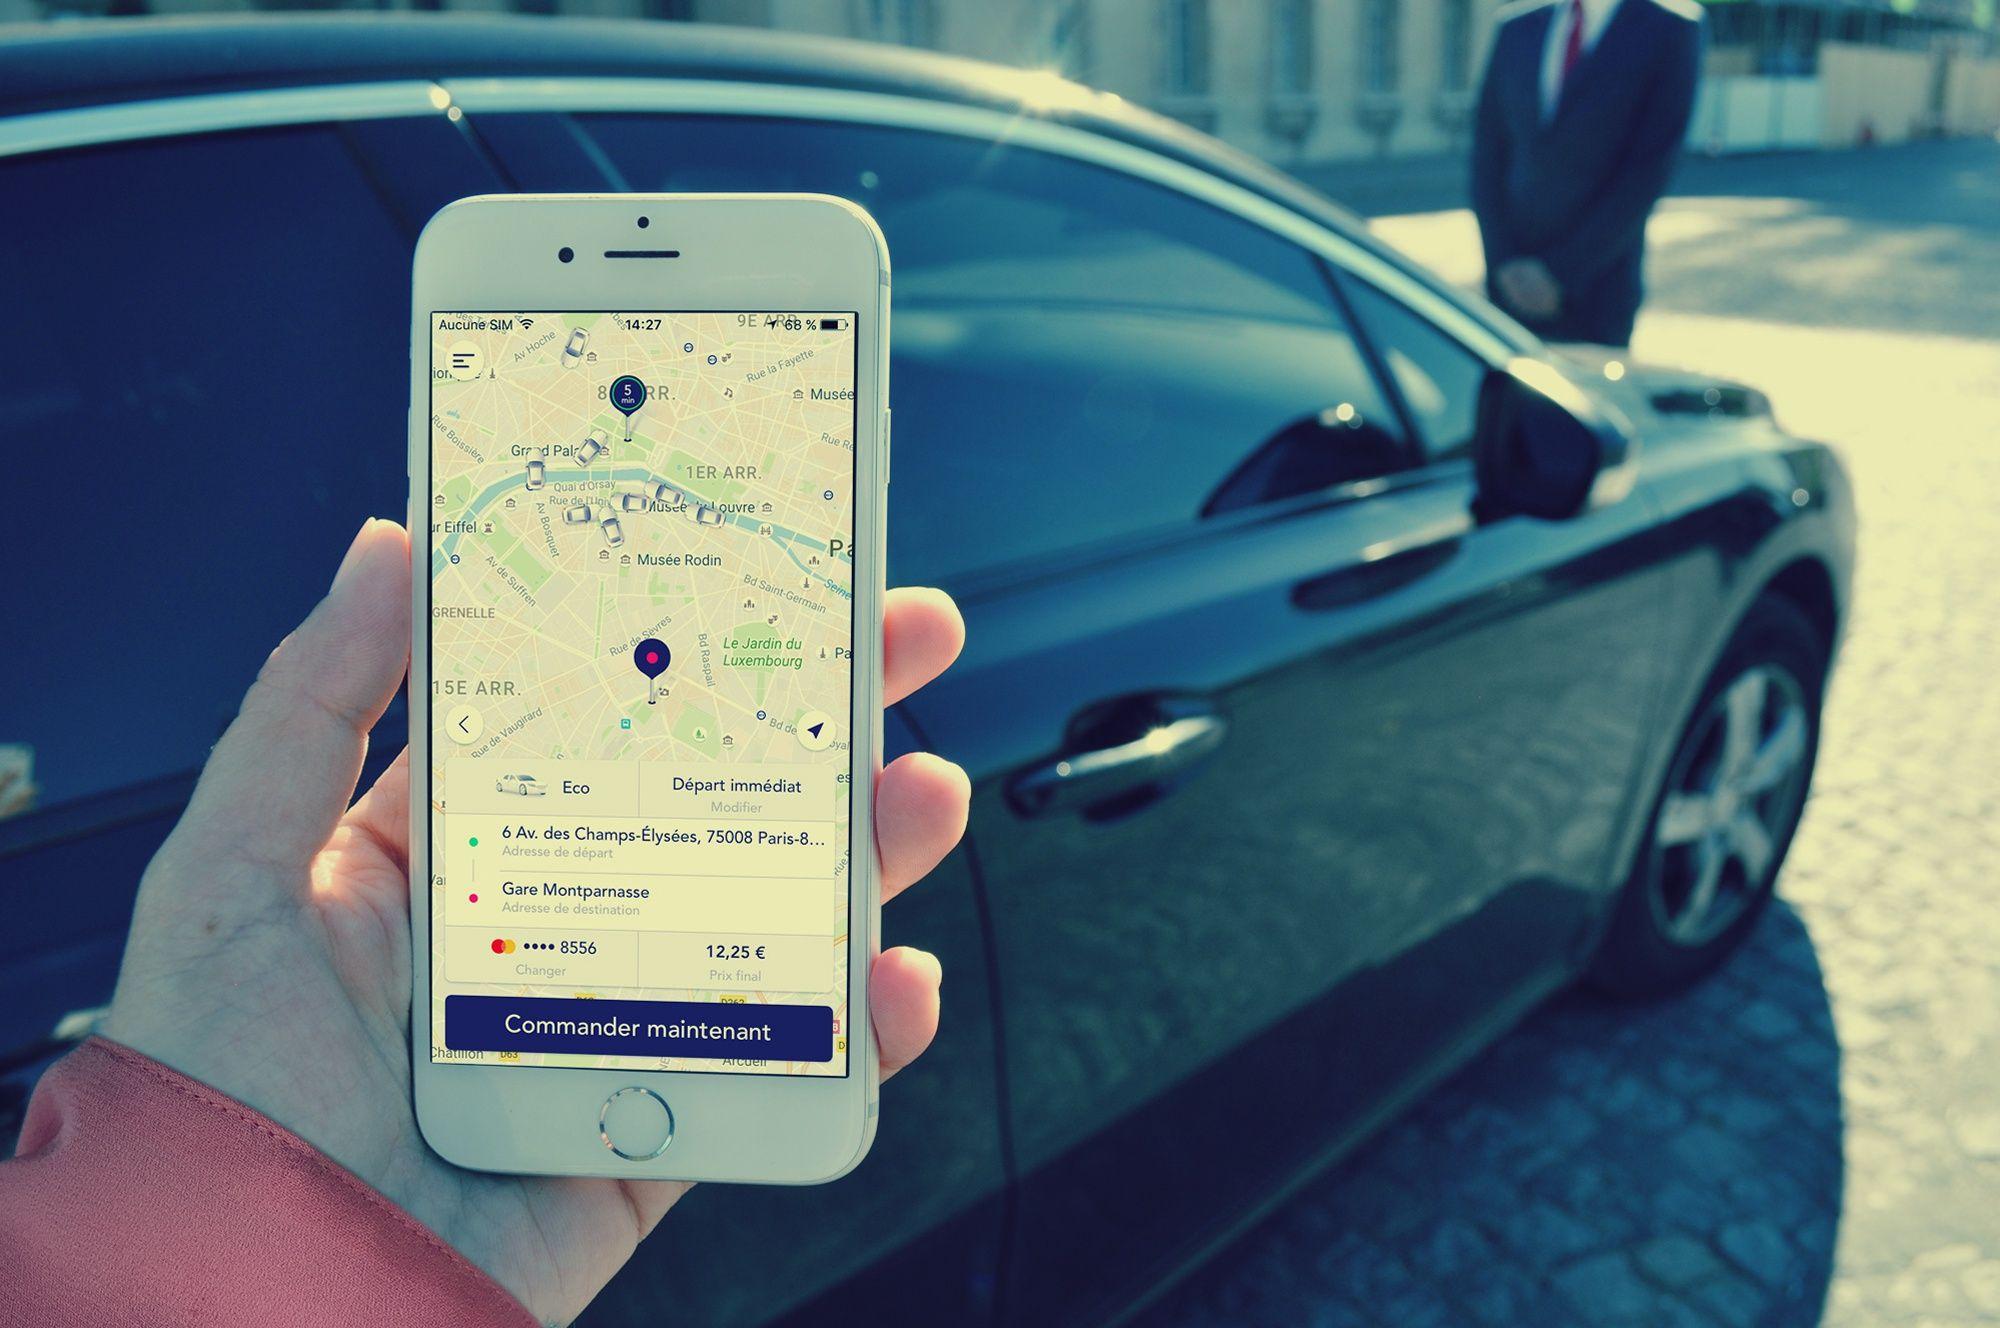 Chauffeur Privé, deuxième start-up à la plus forte croissance en ...